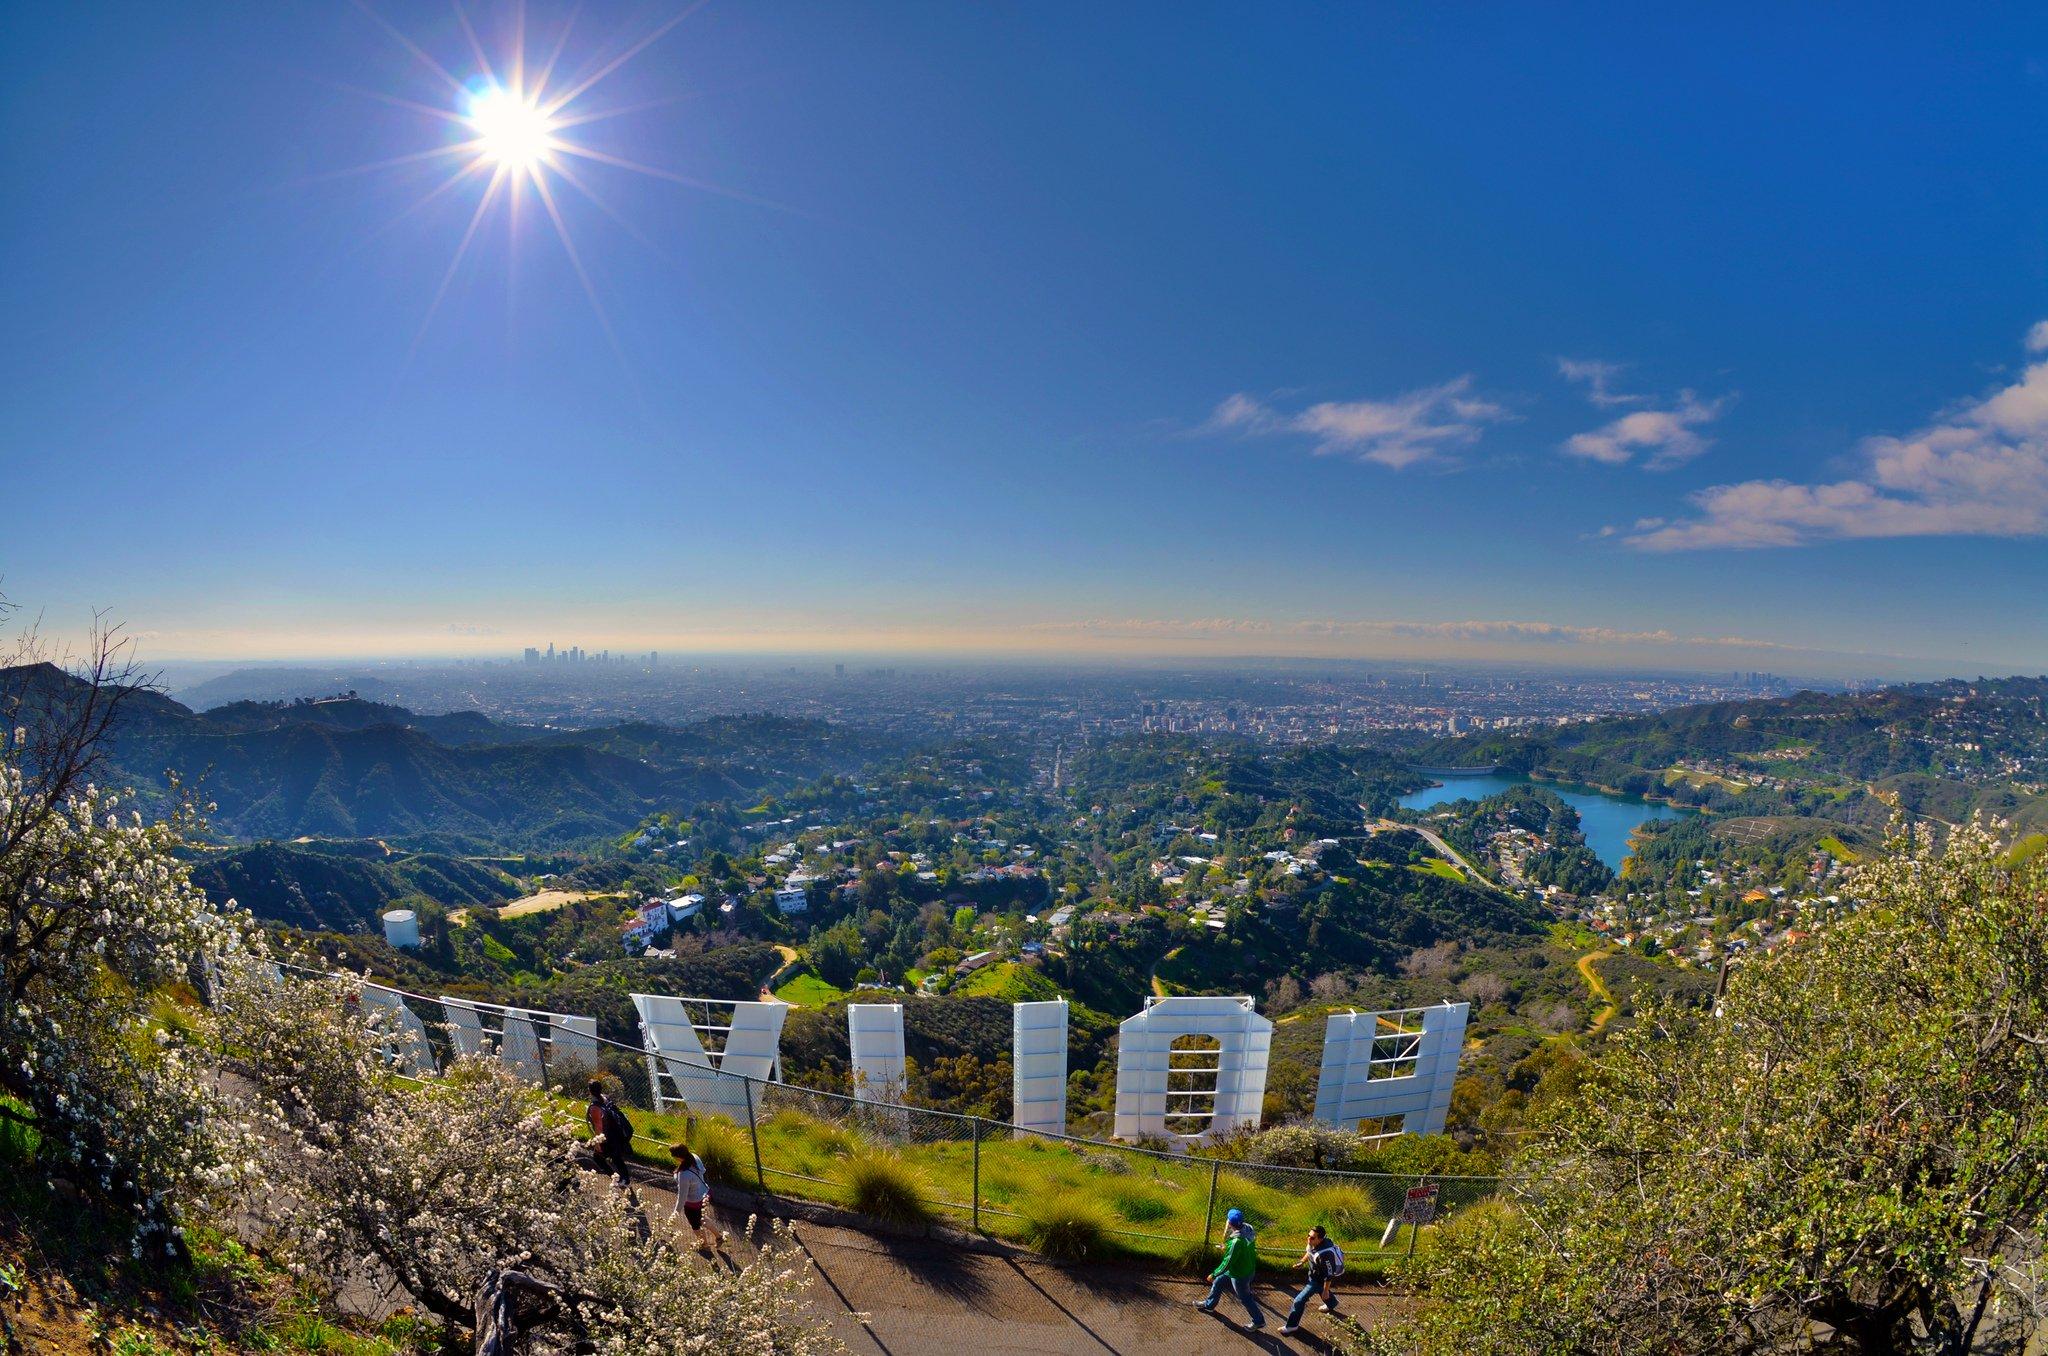 Best Wallpaper Mountain Hollywood - 4ffeffd60be346a84d80b10dfe035a99  HD_319253.jpg